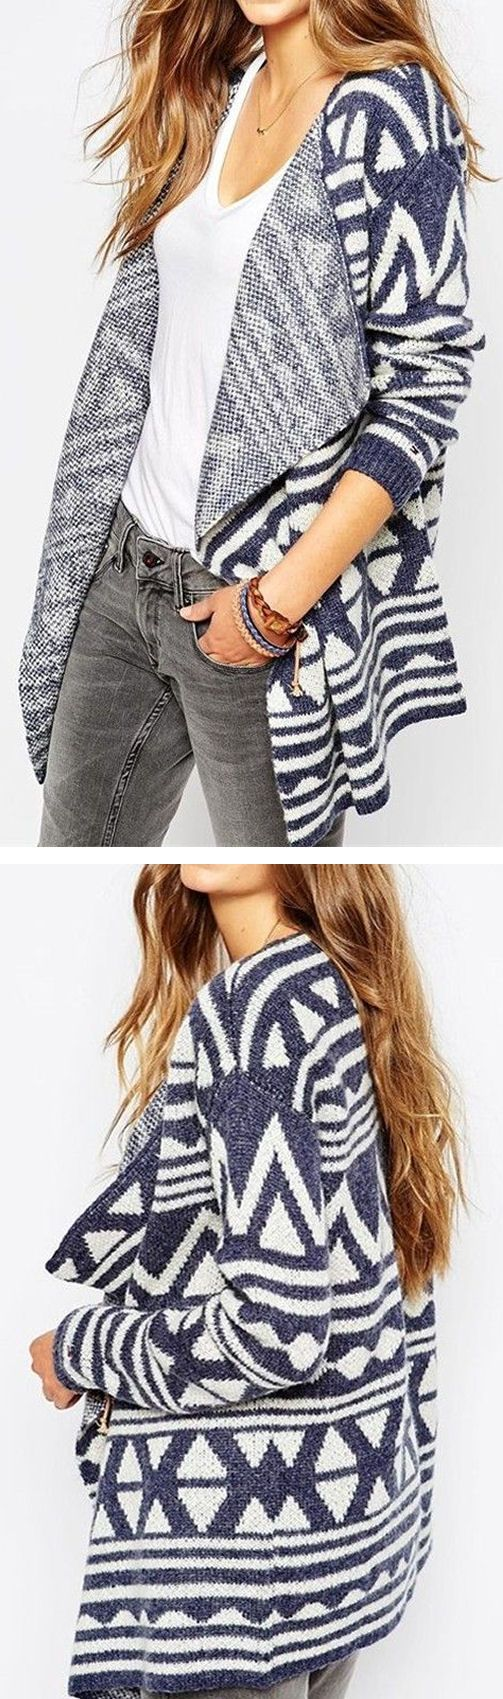 Geo Aztec Cardigan Sweater ❤︎